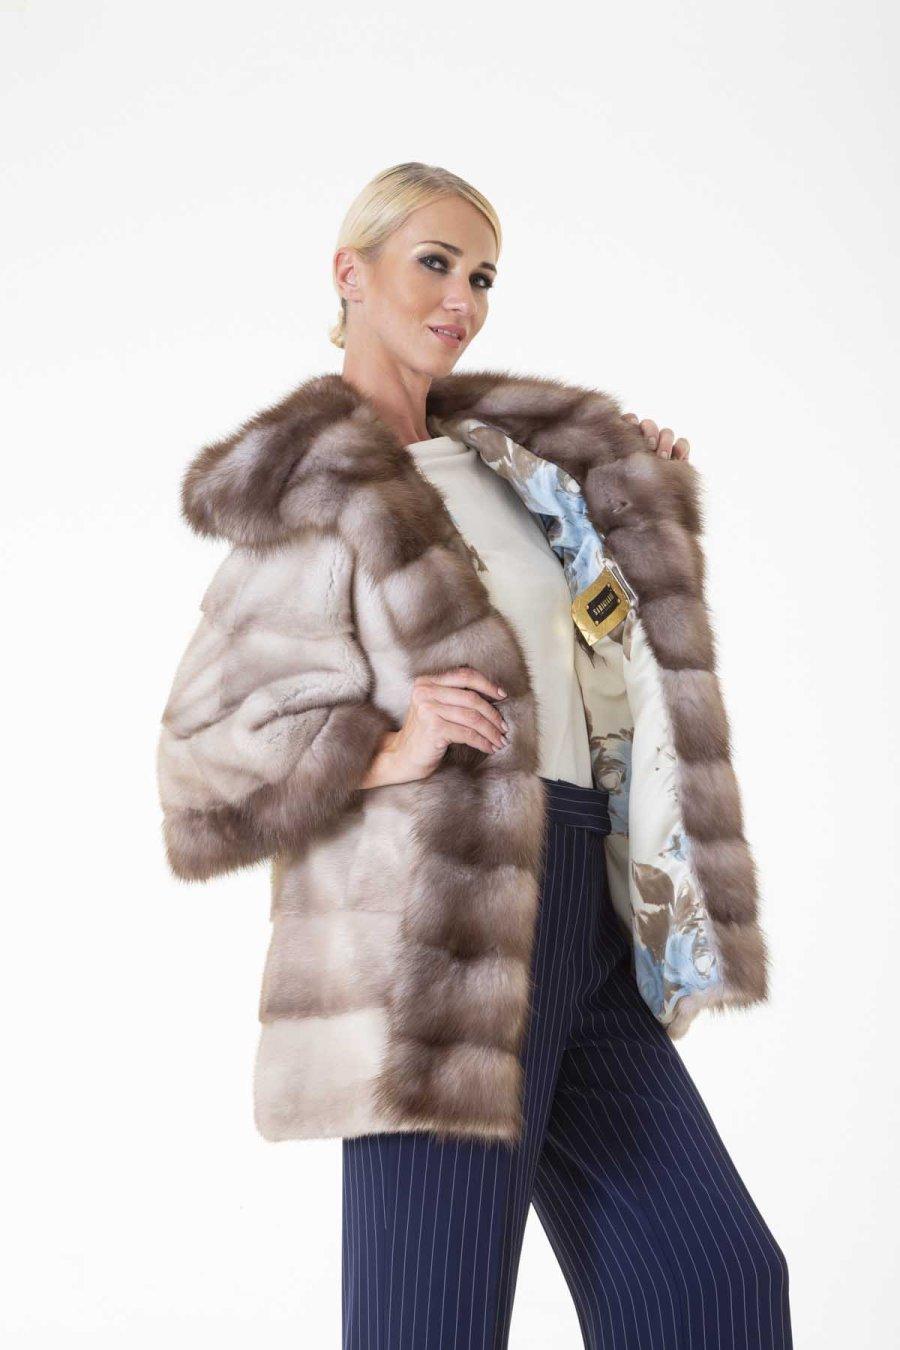 Tatiana Lavender Male Mink Jacket with Hood | Sarigianni Furs